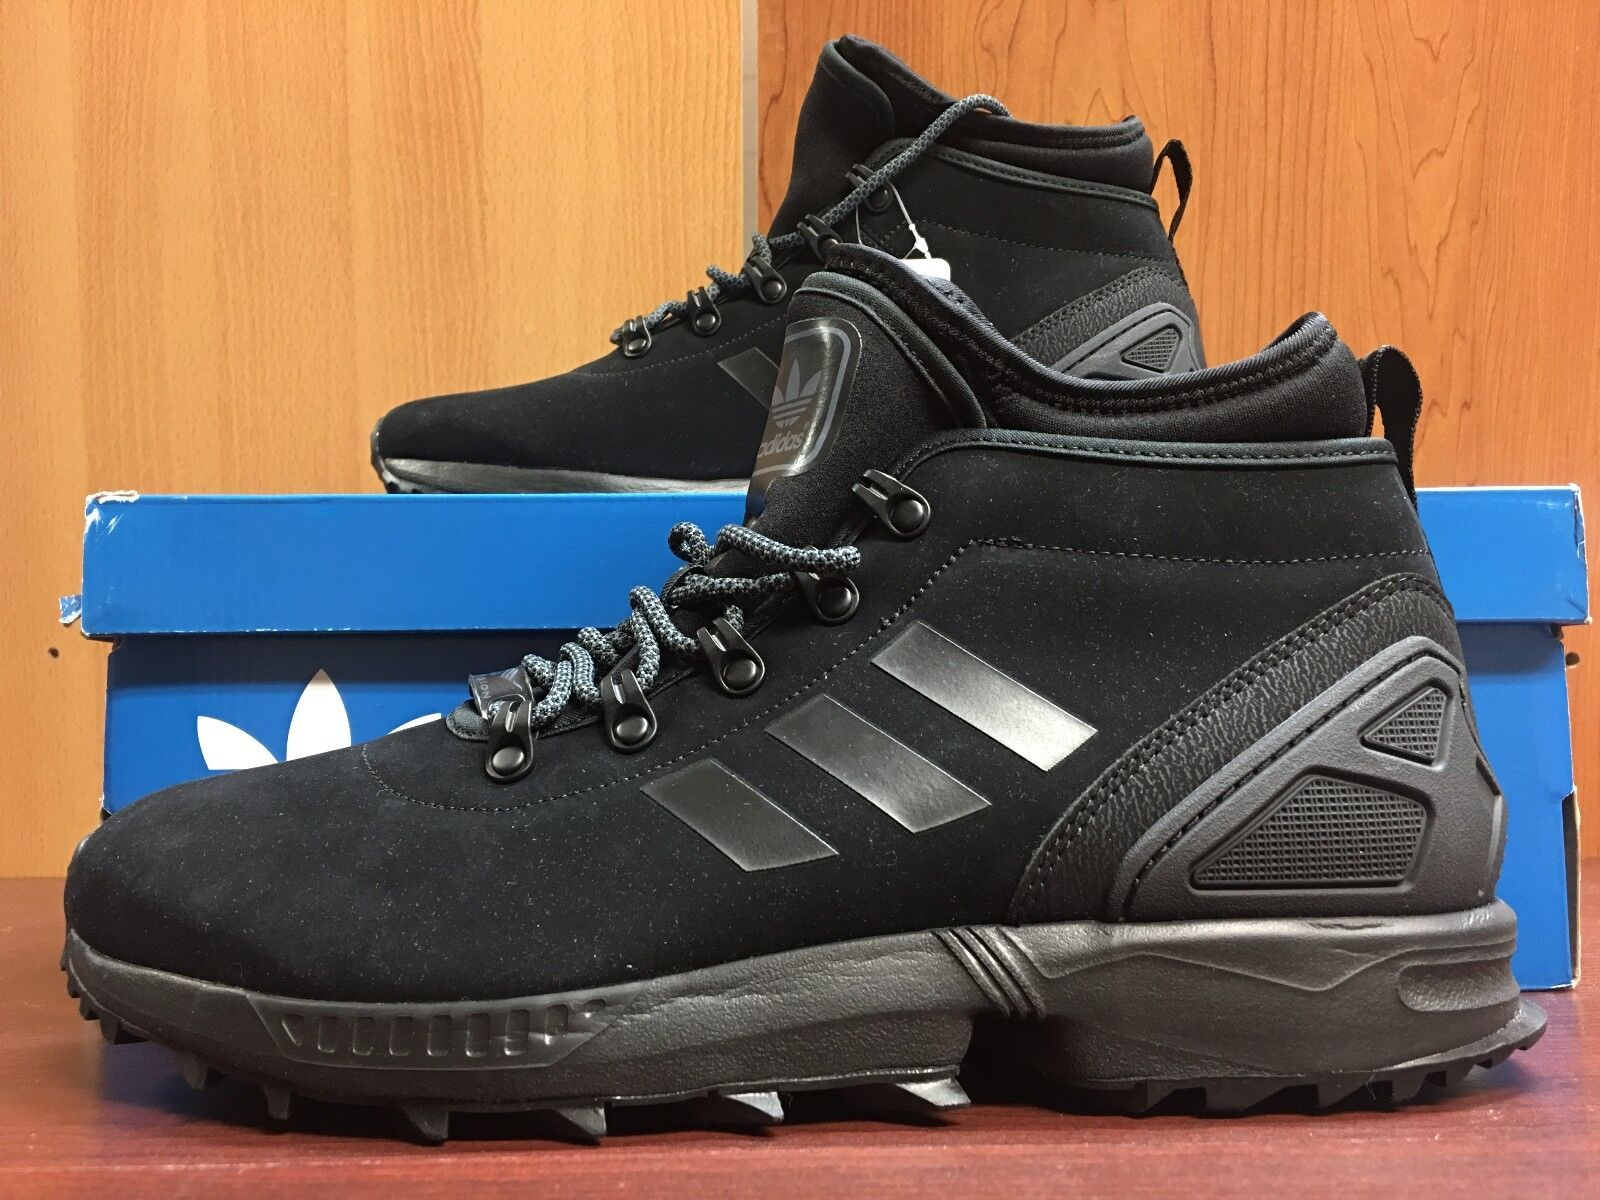 Adidas zx flujo botas de invierno para los hombres original de negro con caja original hombres de reducción de precio 4241ed